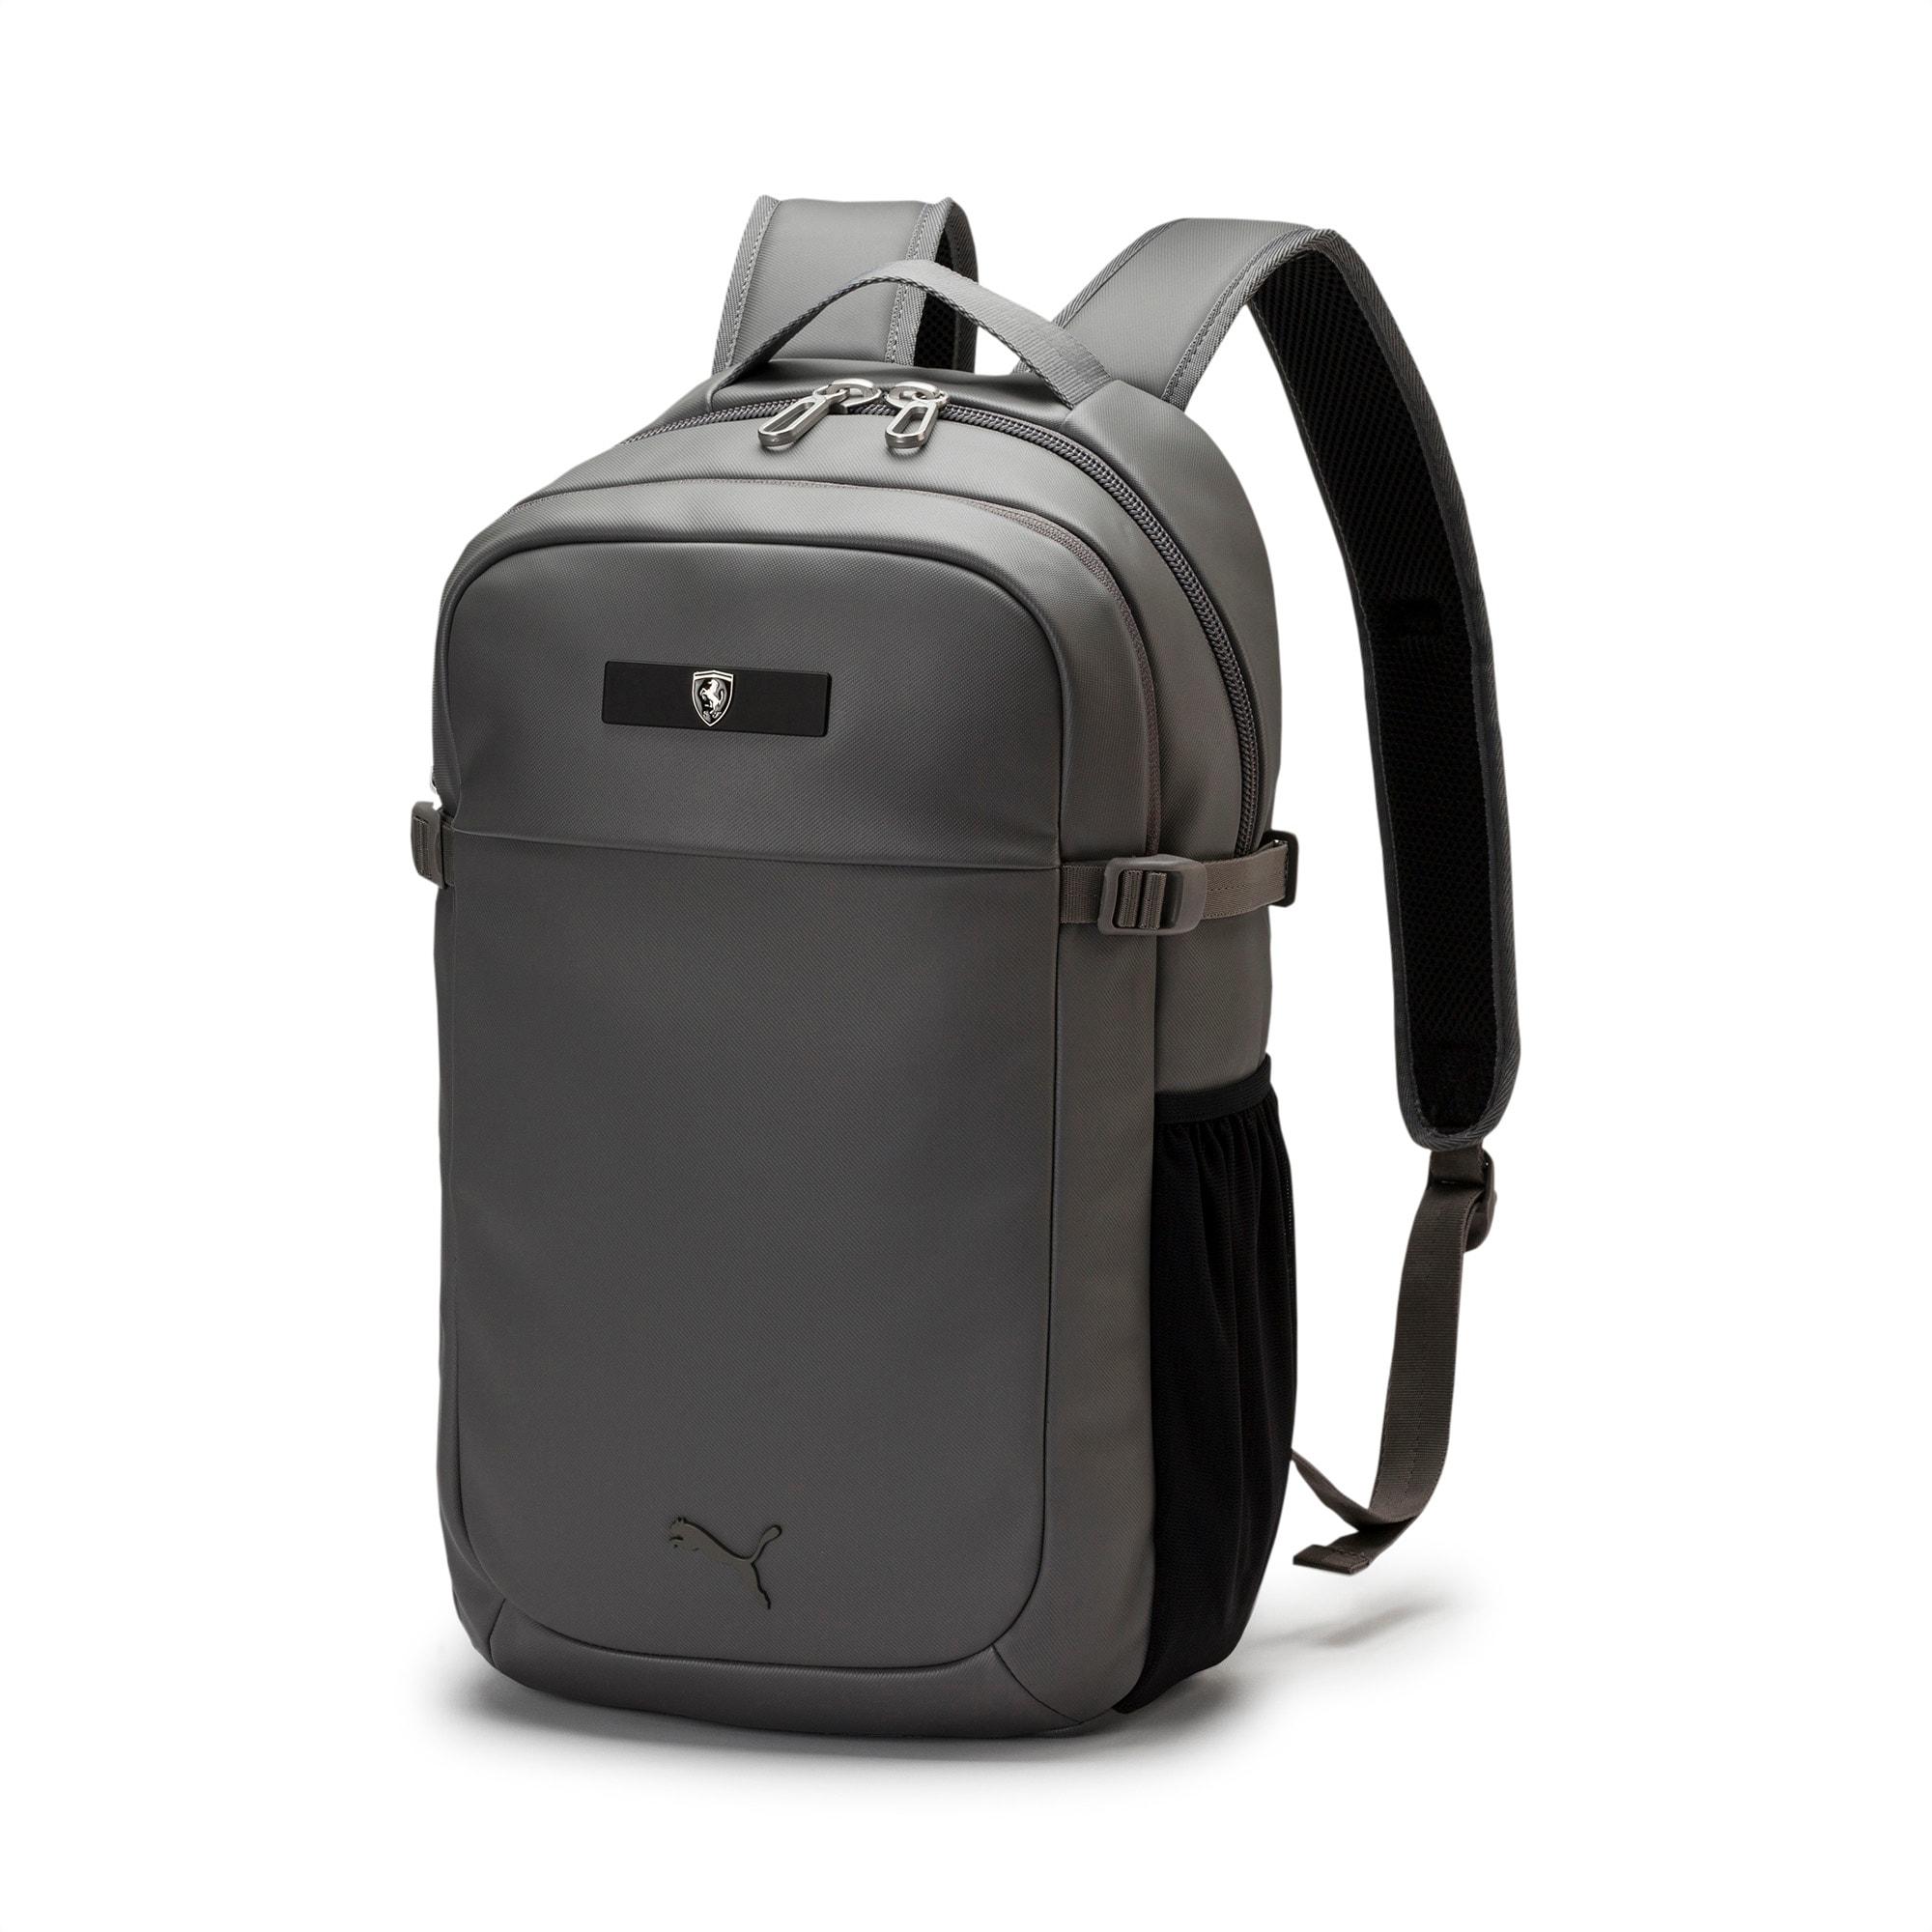 Ferrari Lifestyle Backpack Puma Backpacks Puma